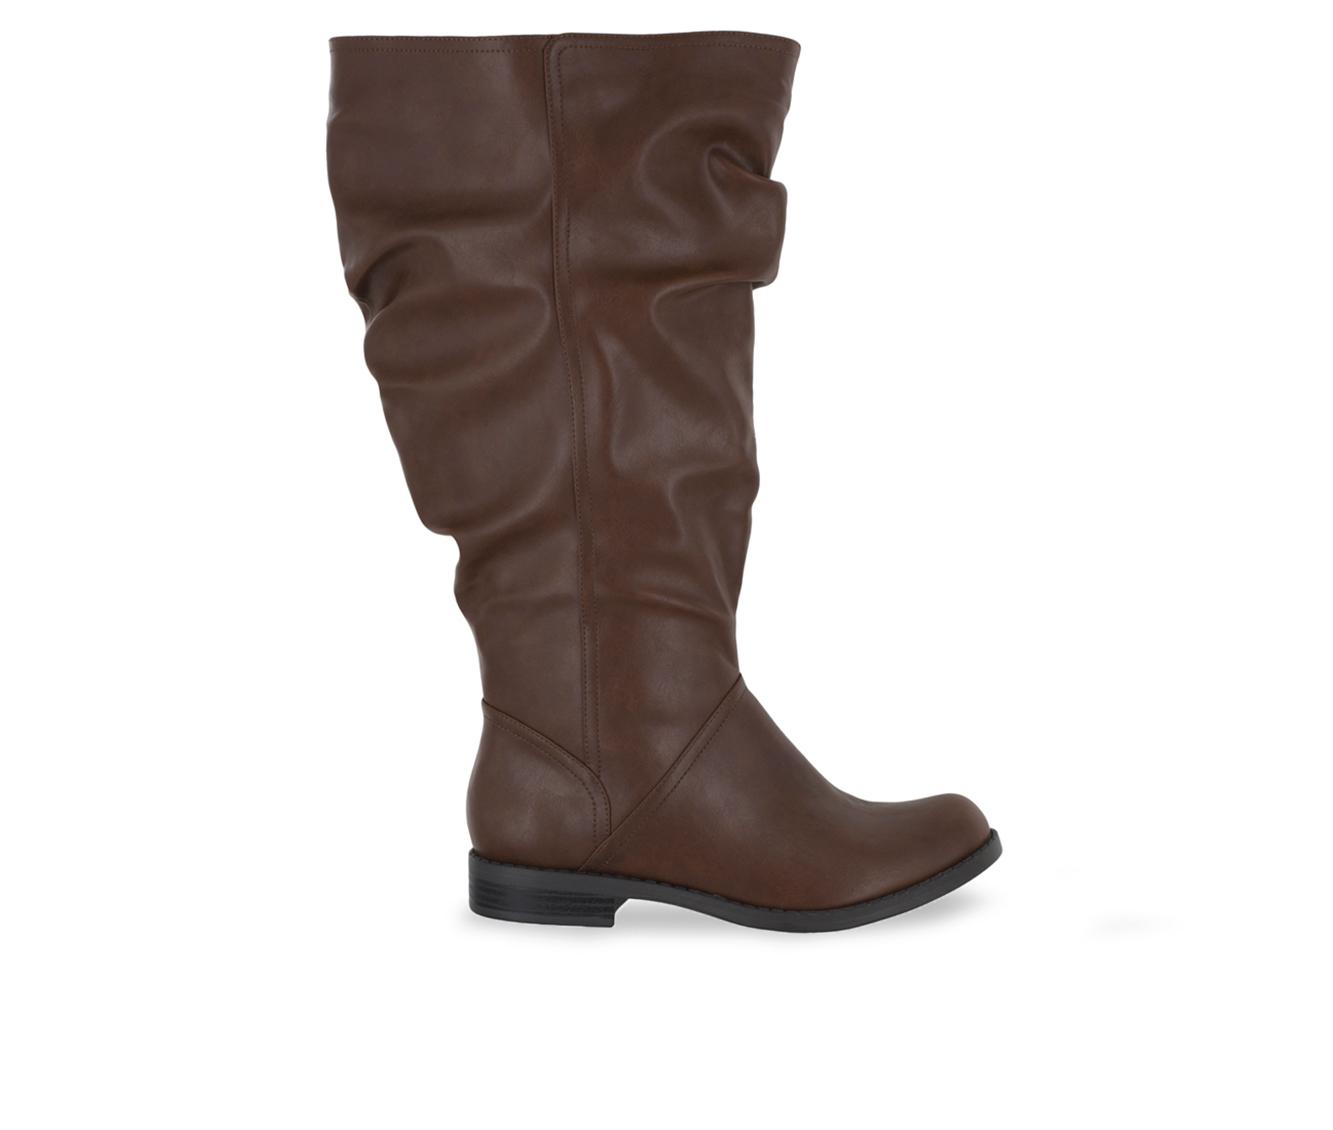 Easy Street Peak Plus Plus Women's Boots (Beige - Faux Leather)